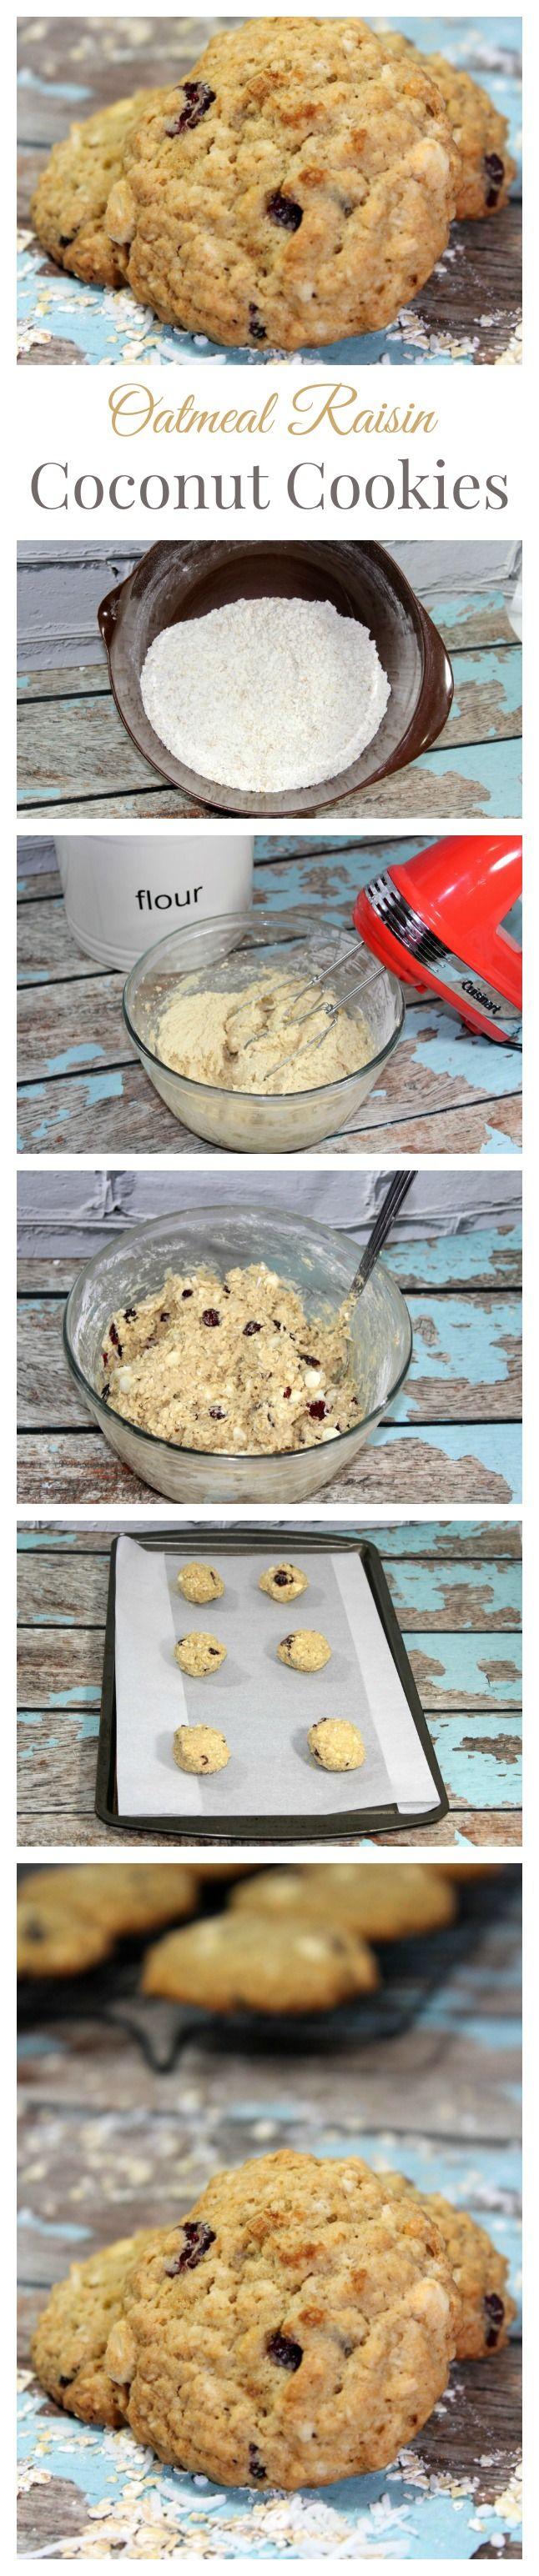 how to make raisins outside